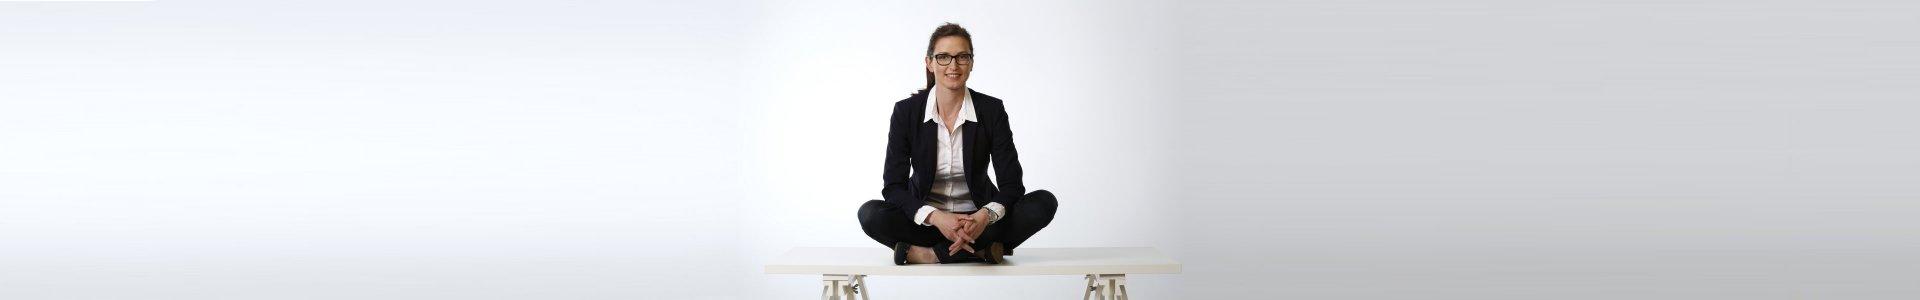 Anja Sprenger